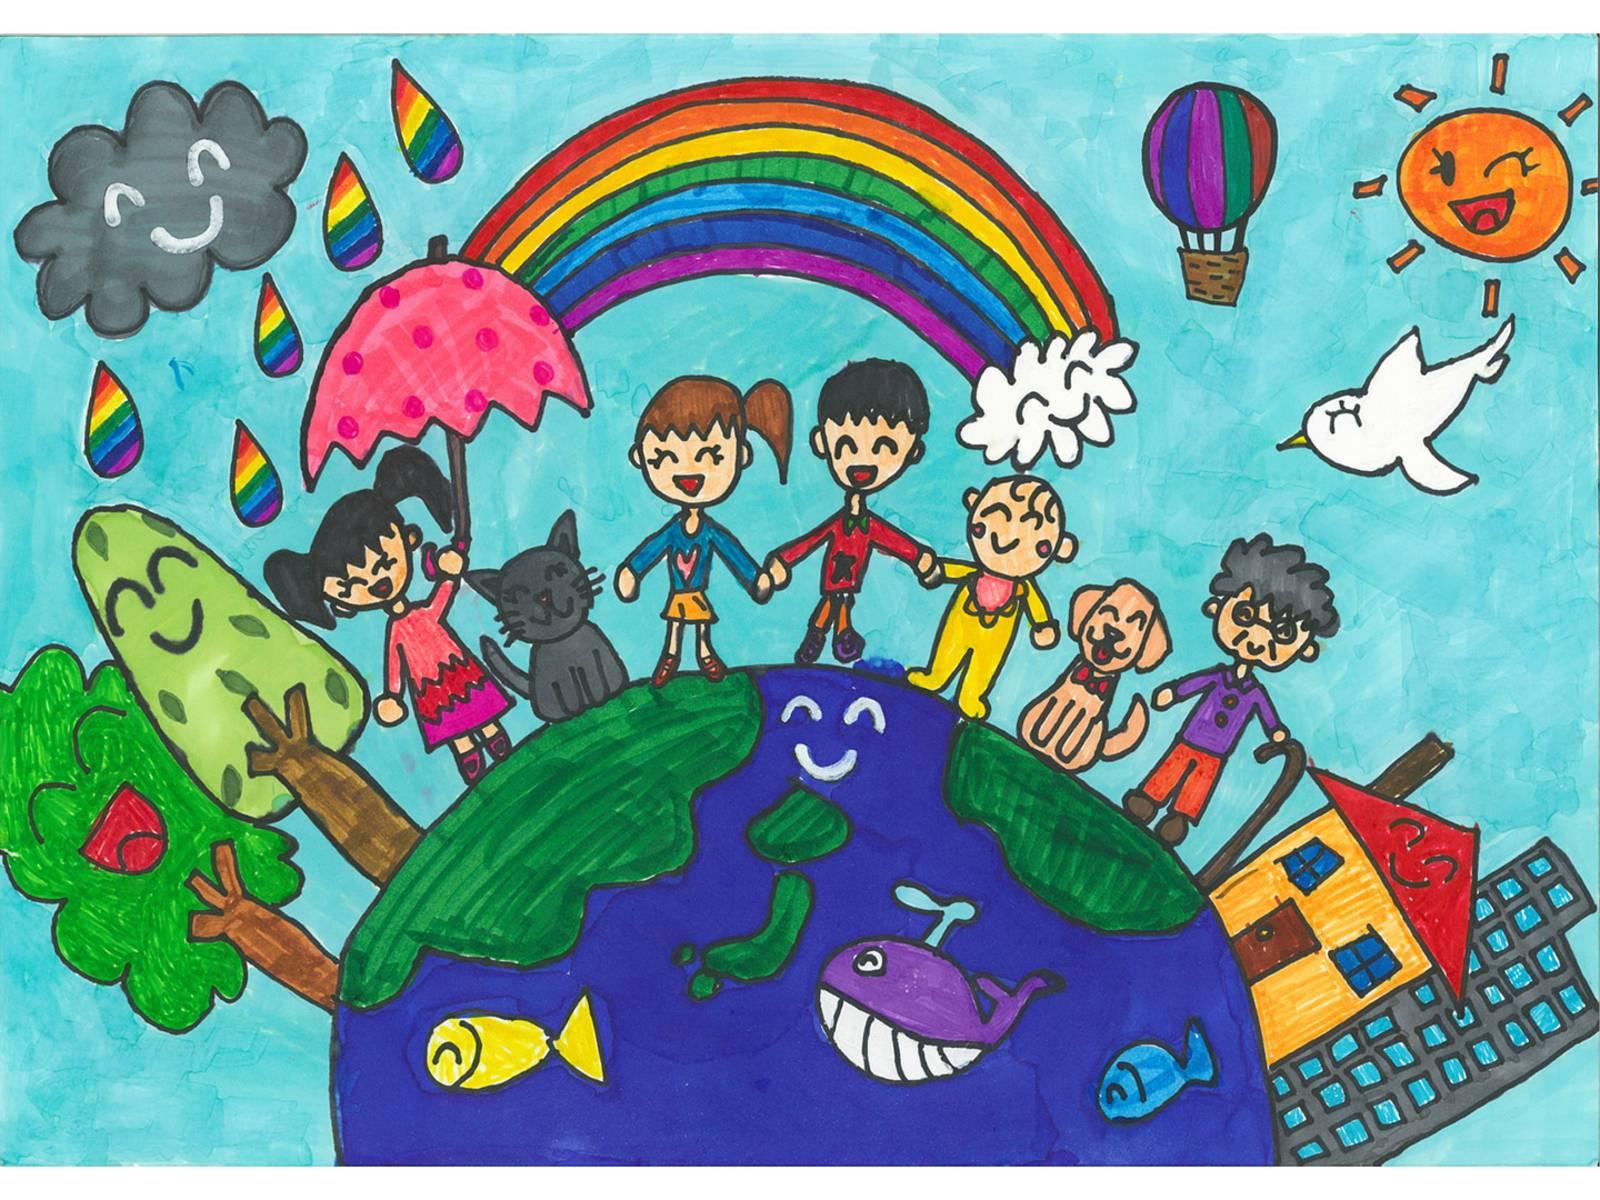 Ein gemaltes, buntes Bild, auf dem unter anderem die Erdkugel und fröhlich aussehende Kinder zu sehen sind.